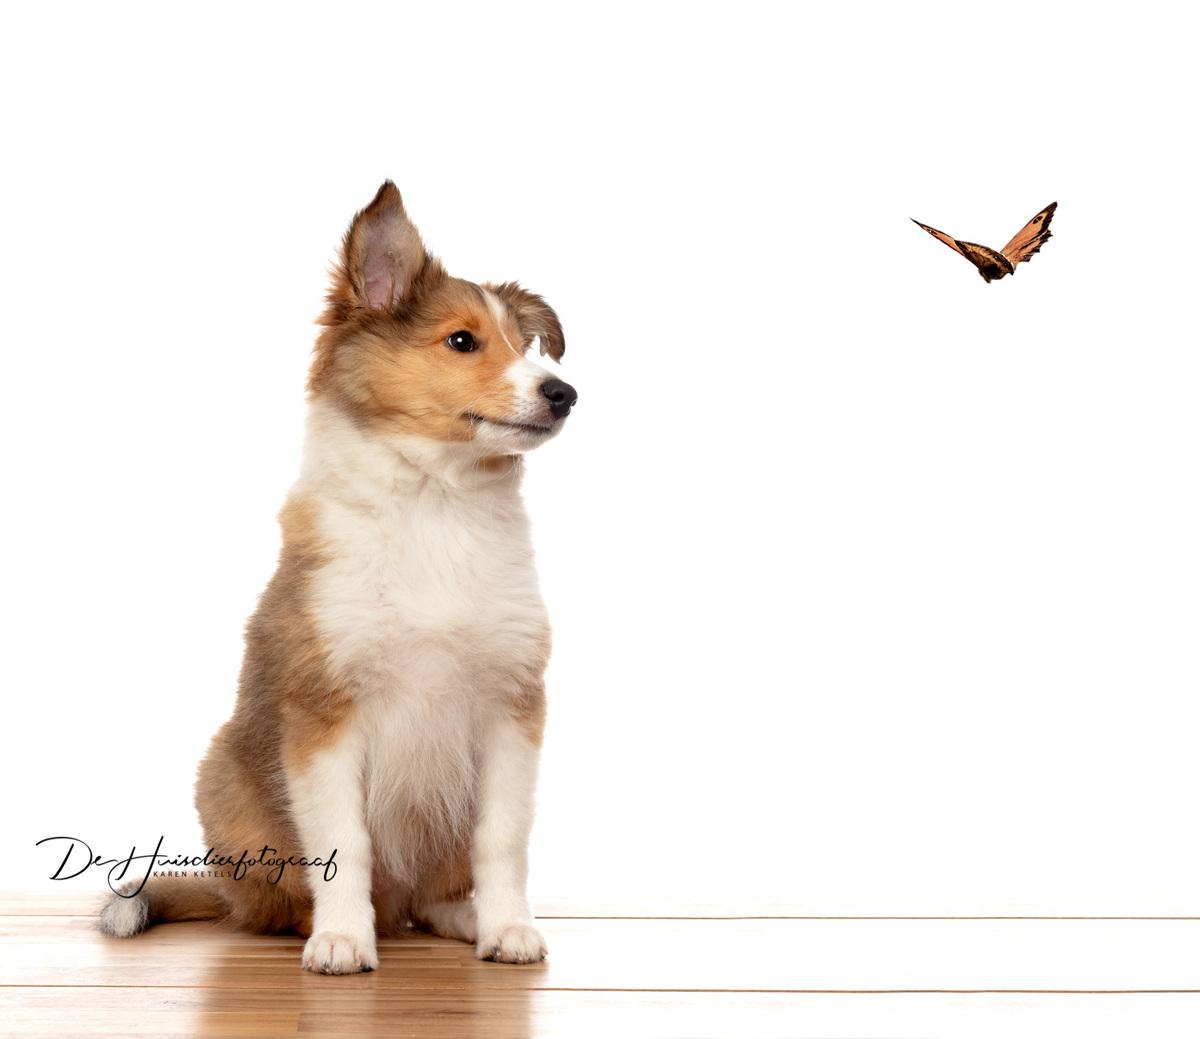 Shelti puppy kijkt naar een vlindertje